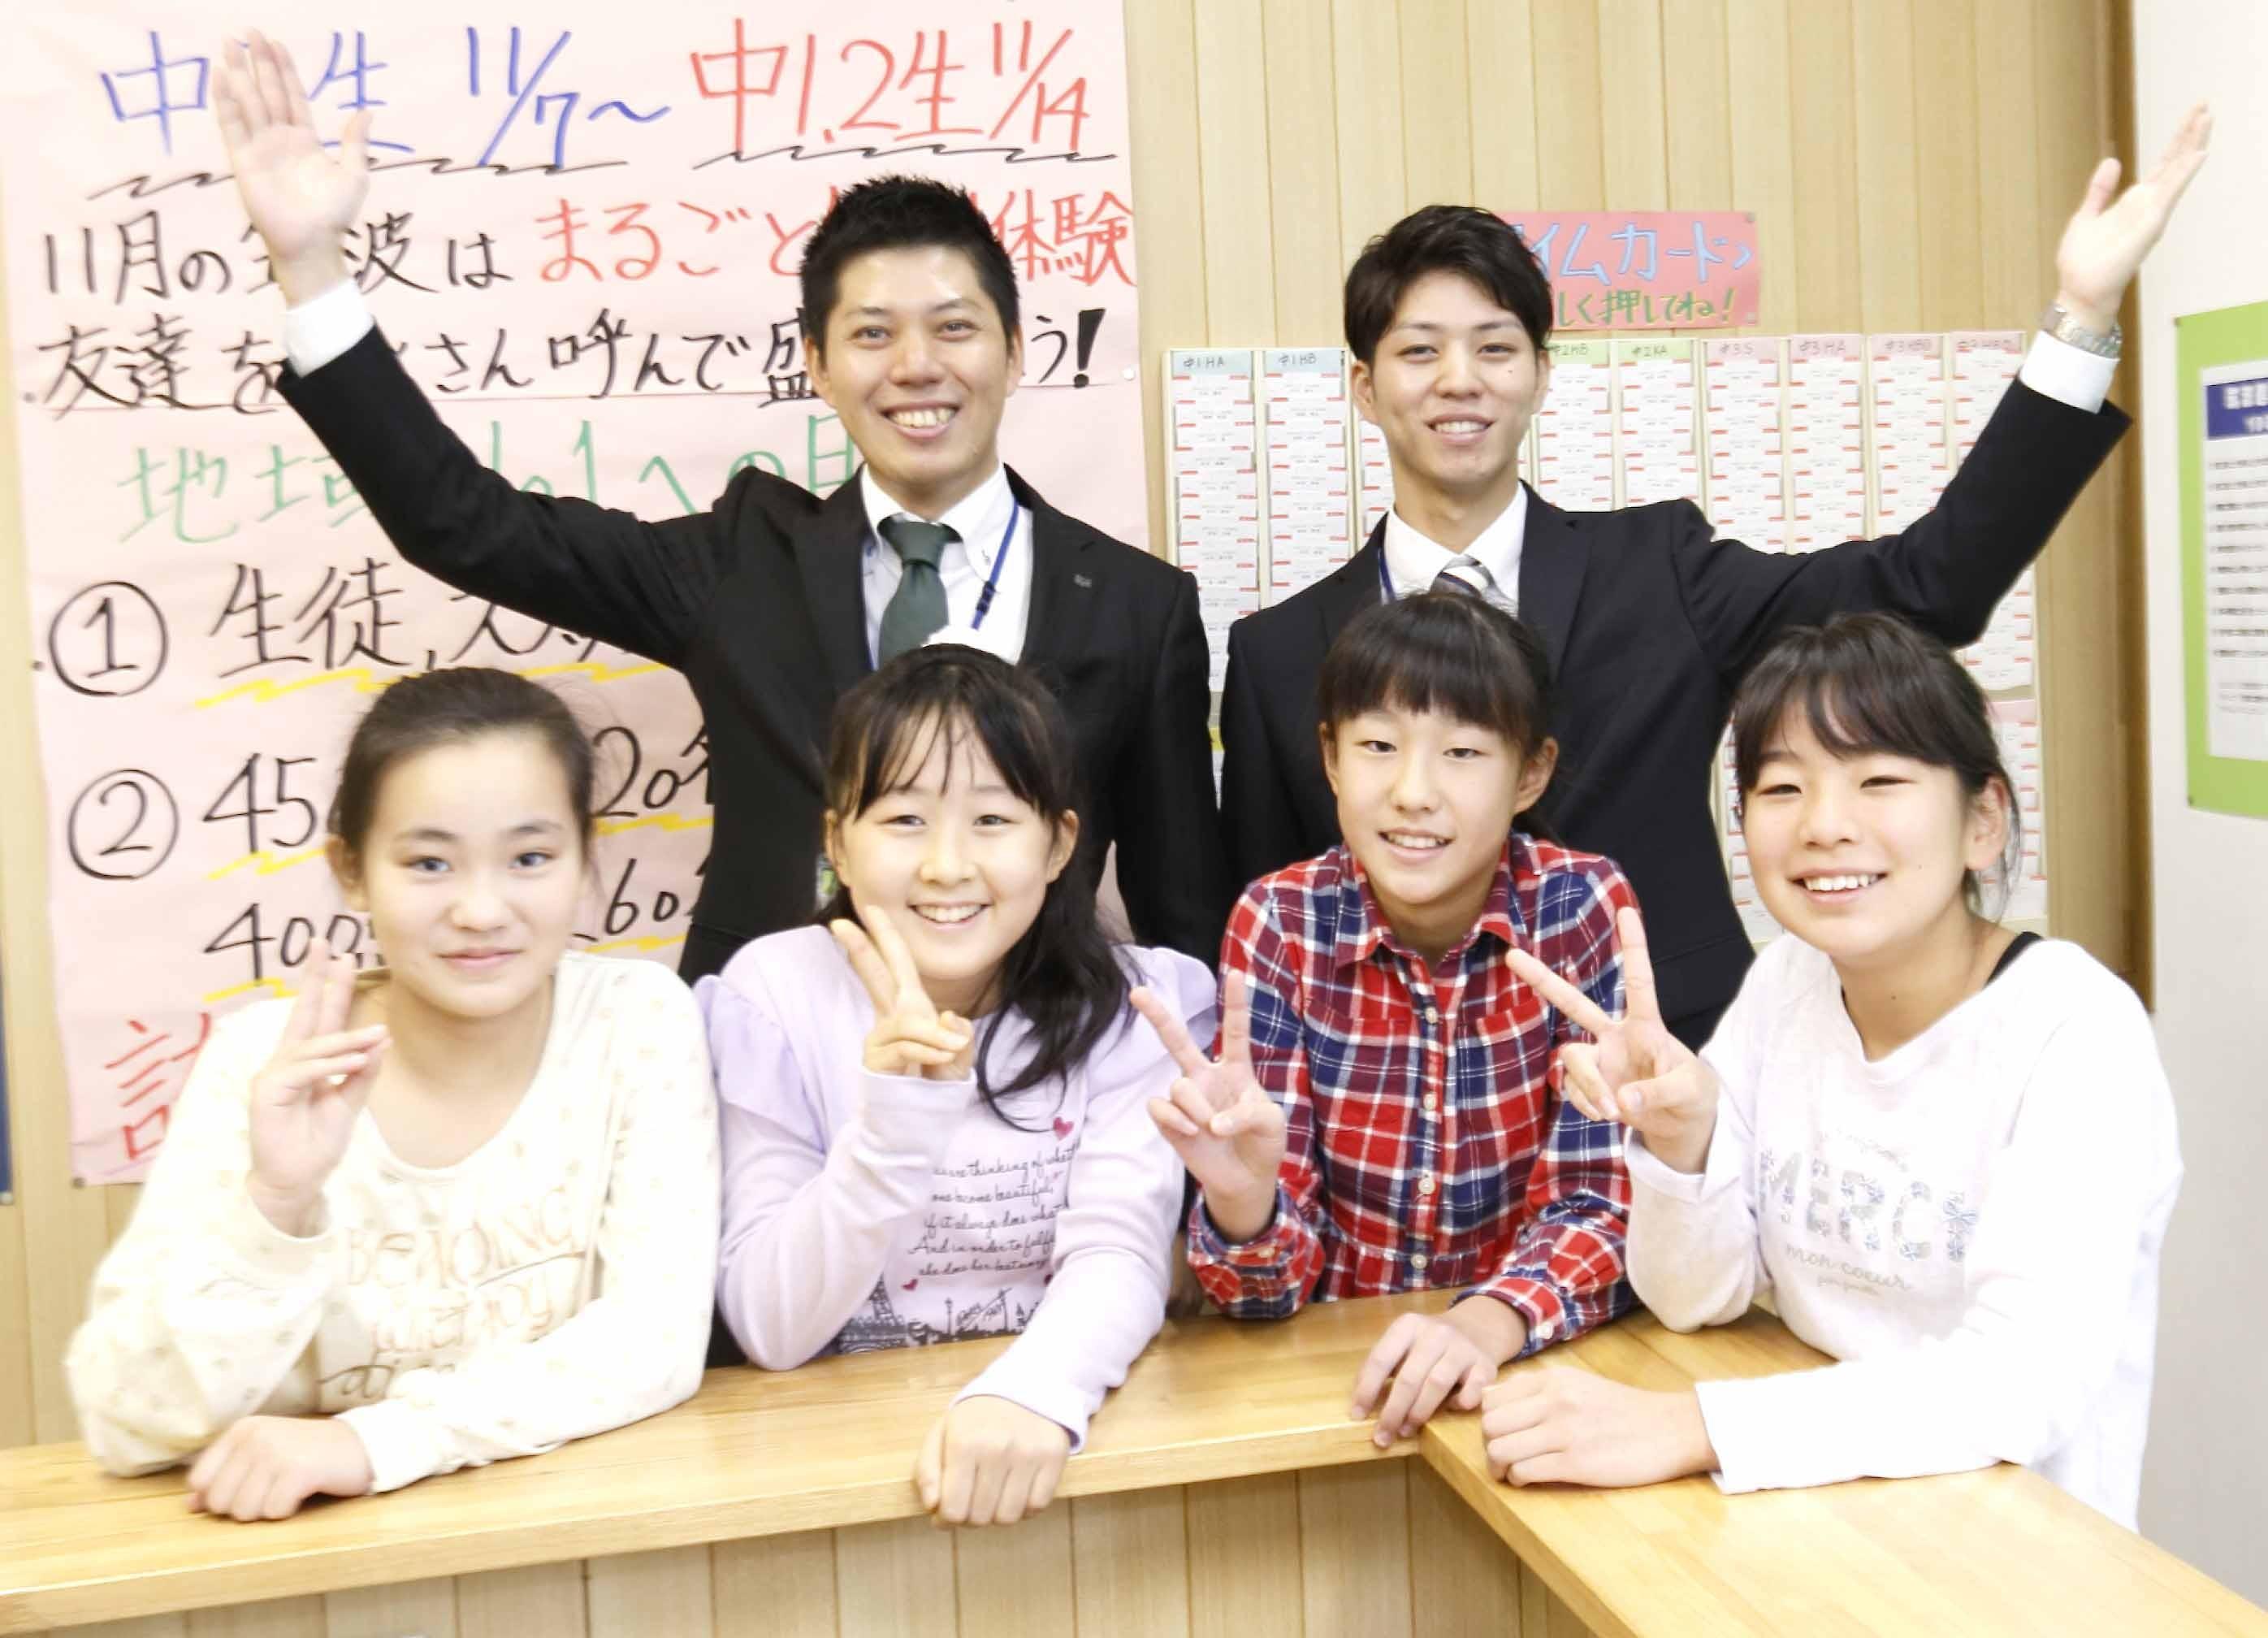 筑波進研スクール 戸田教室のアルバイト情報